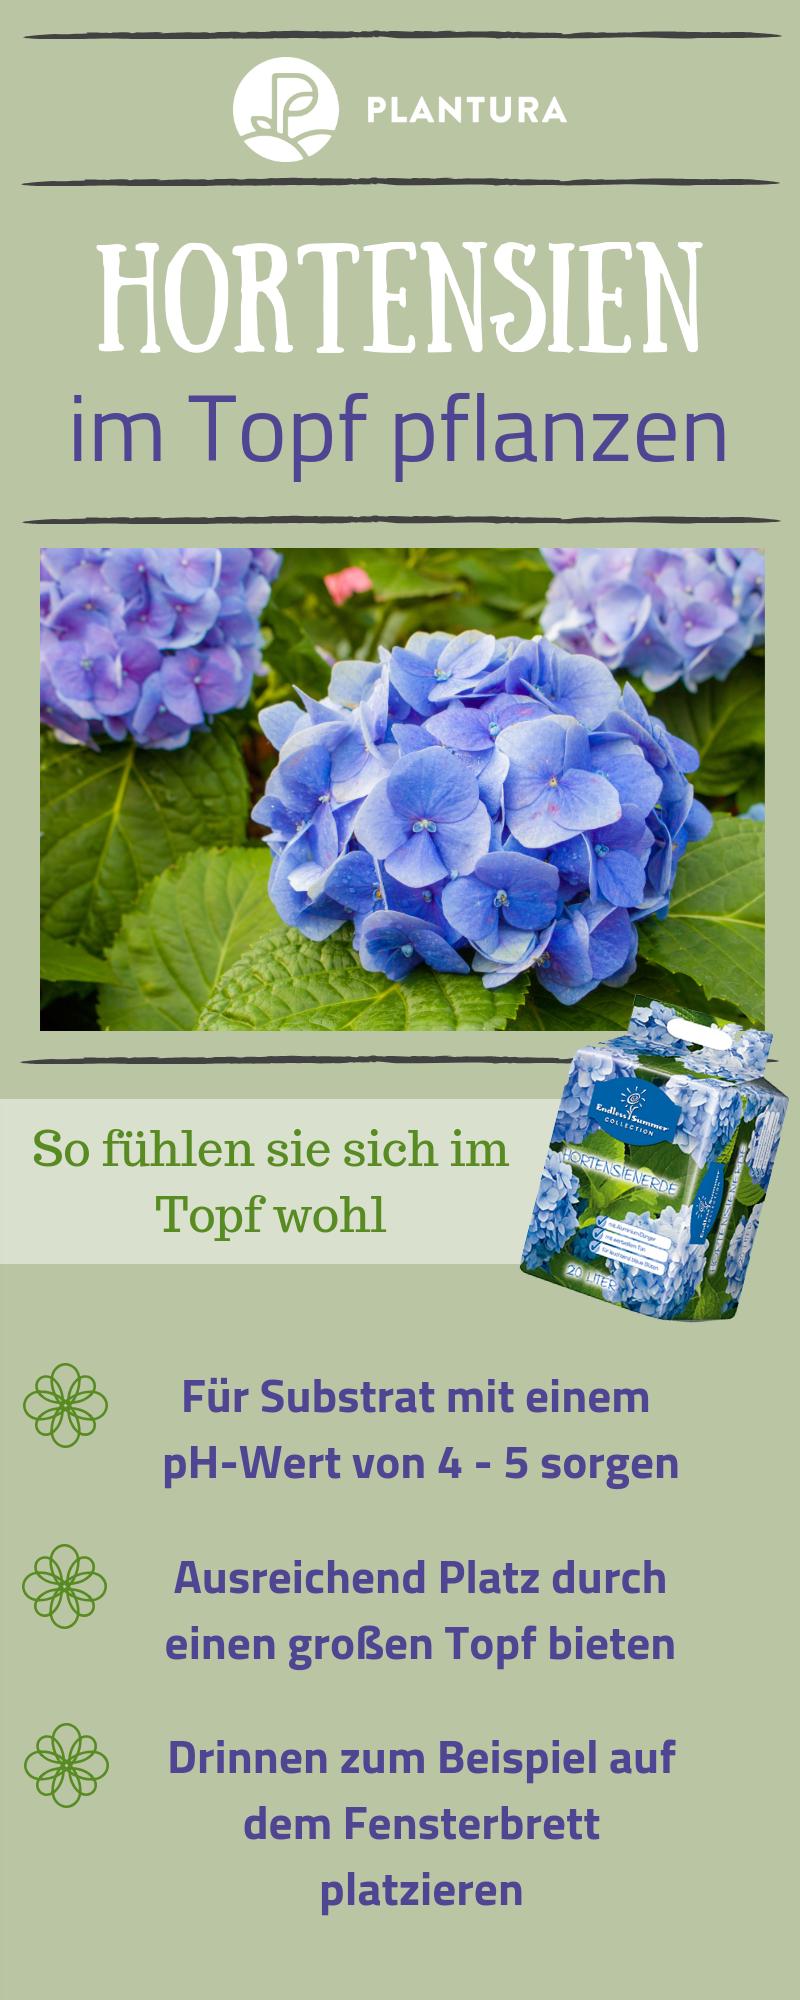 Hortensien Expertentipps Zum Pflanzen Pflegen Schneiden Pflanzen Hortensien Kurbis Pflanzen